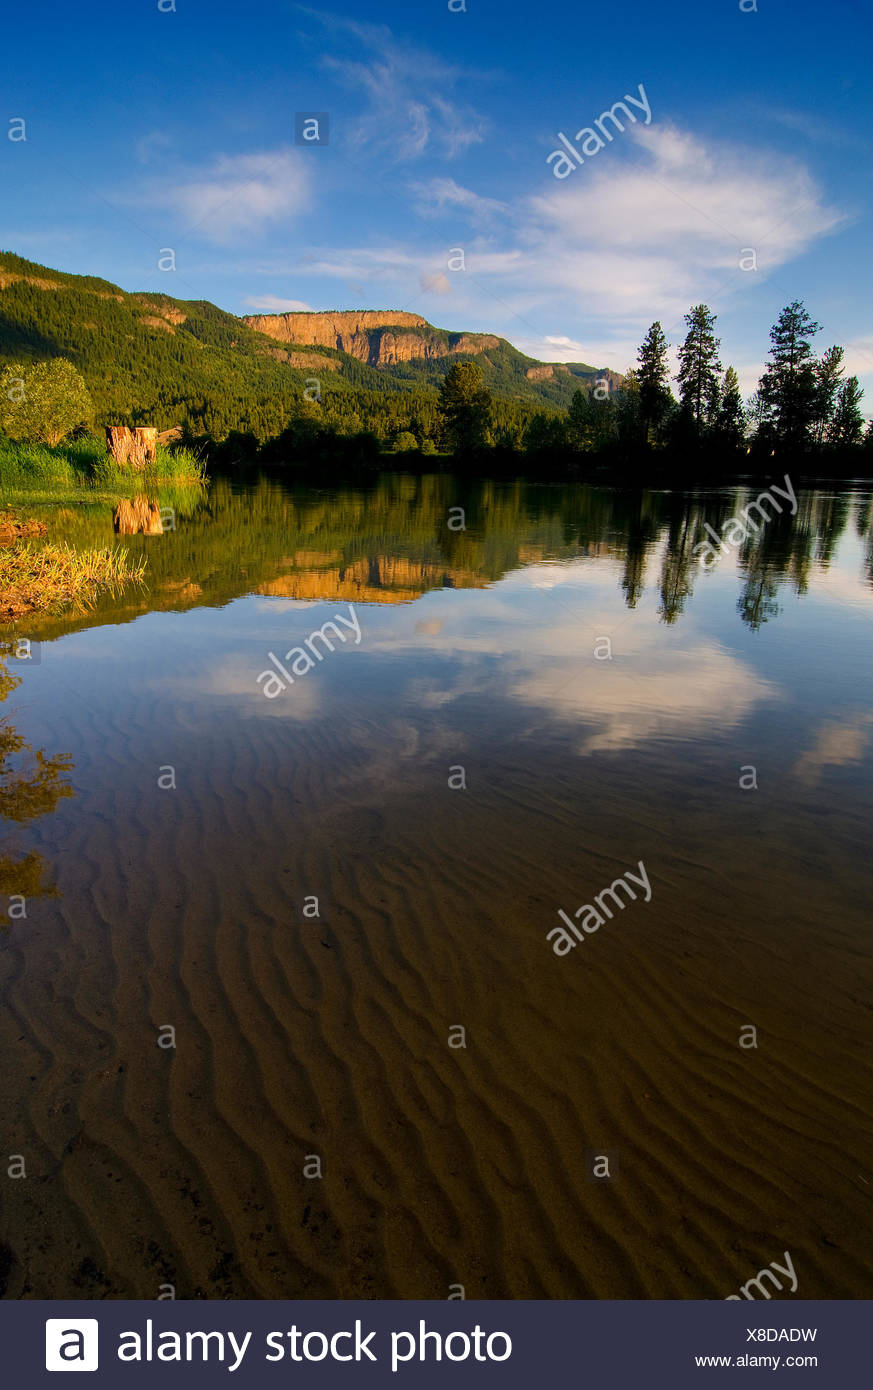 L'acqua chiara rivela gli intricati schemi di sabbia sotto il fiume shuswap mentre il enderby scogliere crogiolarsi al sole del pomeriggio in enderby nella regione di shuswap della British Columbia, Canada Immagini Stock